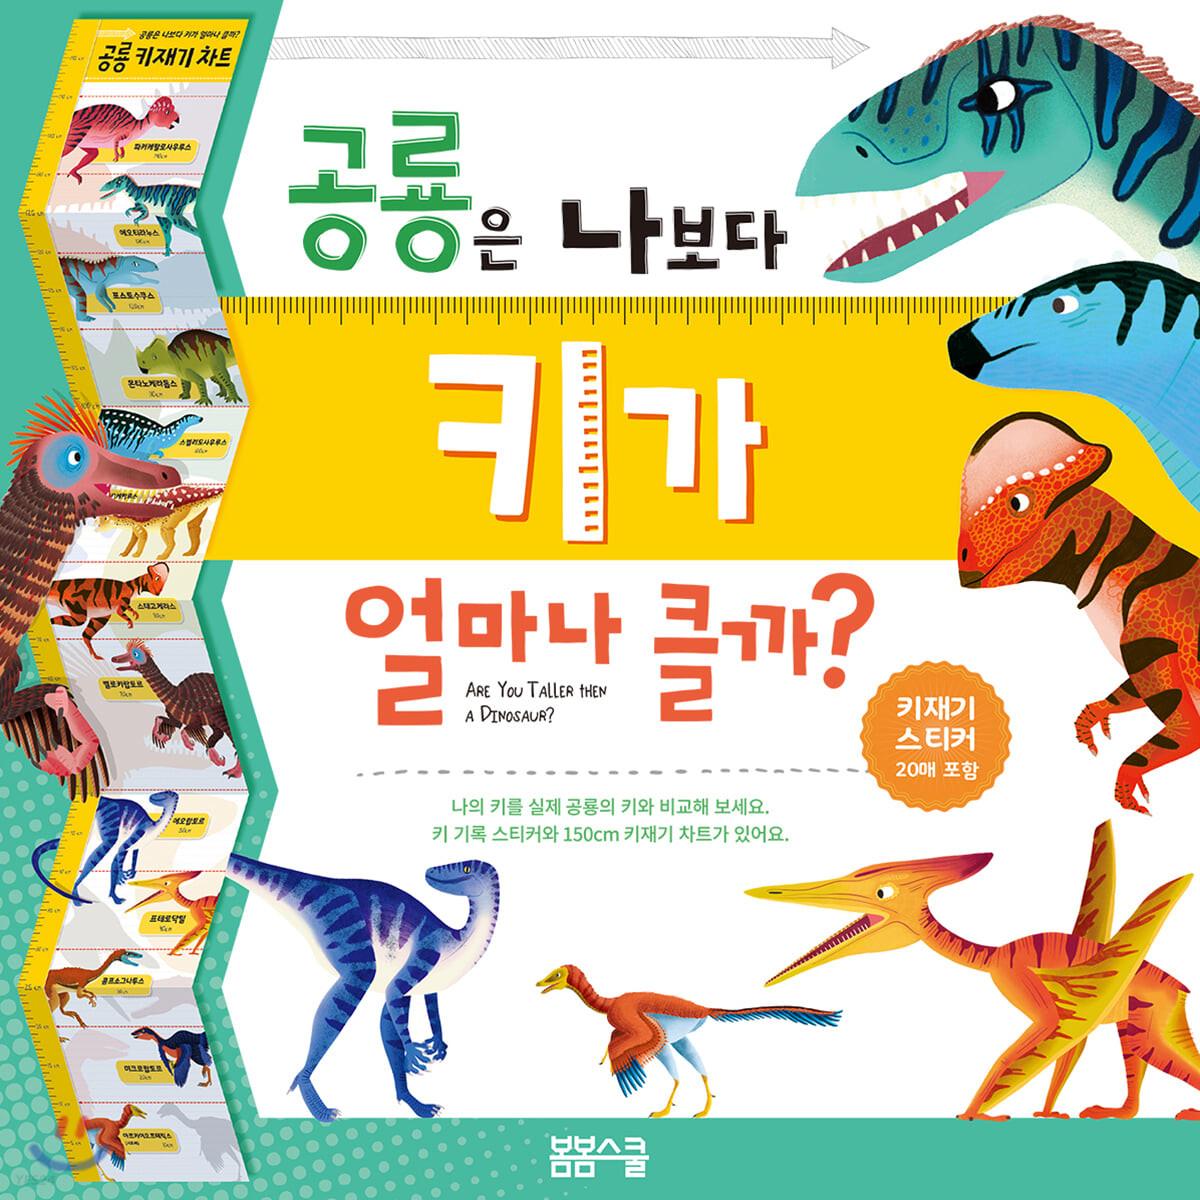 공룡은 나보다 키가 얼마나 클까?